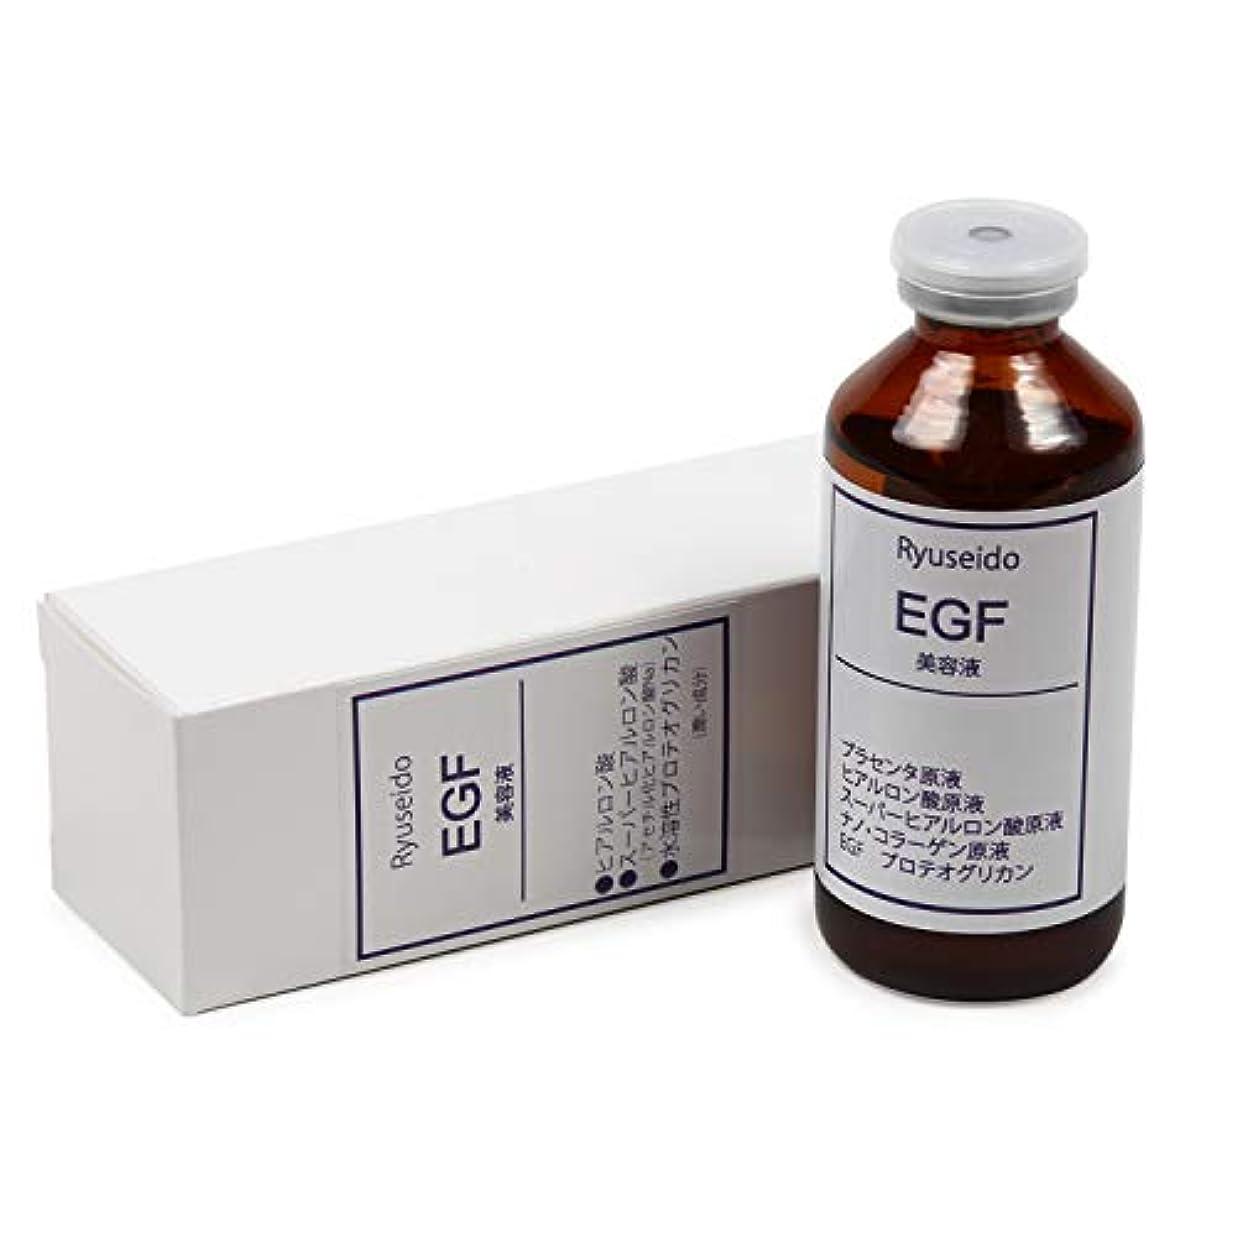 考える大声で電気的10倍濃度EGFをプラセンタ?ナノコラーゲン?ヒアルロン酸原液に配合。毛穴レスできめ細かなクリアな肌に??生コラーゲン配合でキメ密度がさらにアップ。